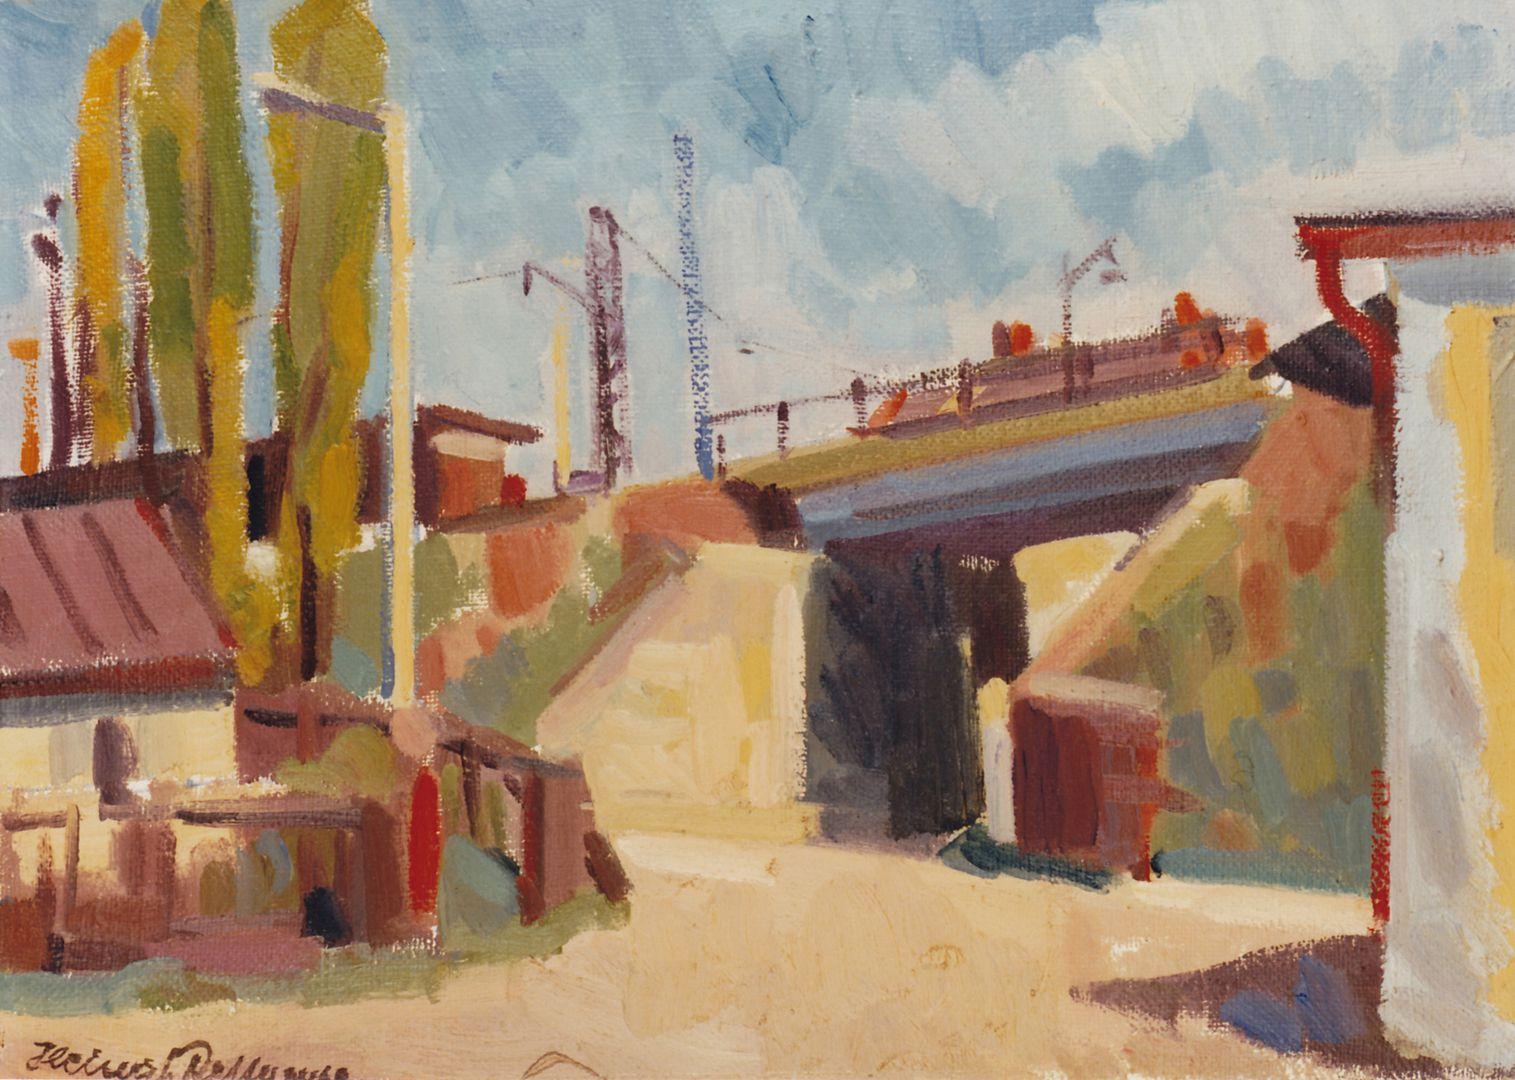 Eisenbahnbrücke am Haltepunkt Rothenburger Straße Eisenbahnbrücke am Haltepunkt Rothenburger Straße